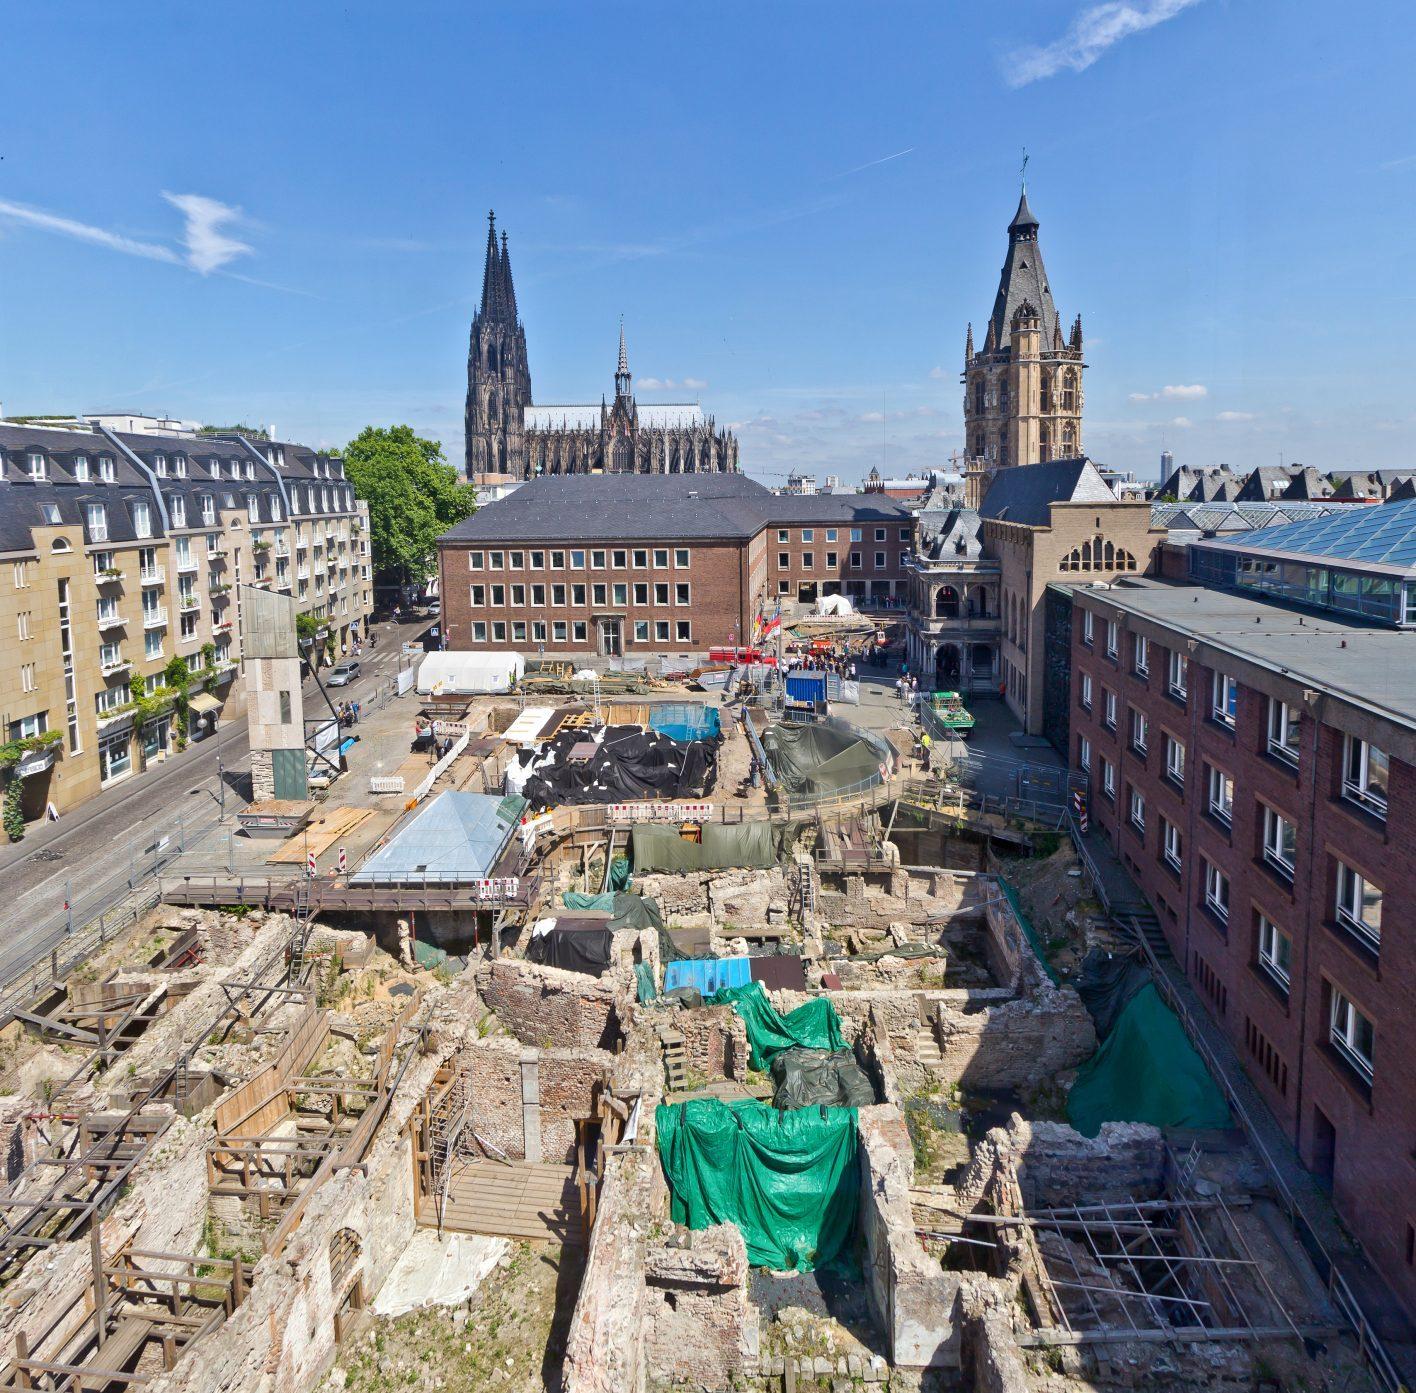 Die freigelegten Mauerreste des mittelalterlichen Viertels sind im Bildzentrum. Rechts ist das Historische Rathaus mit der Rathauslaube im oberen Bildbereich. Im Hintergrund ist der Kölner Dom zu sehen.